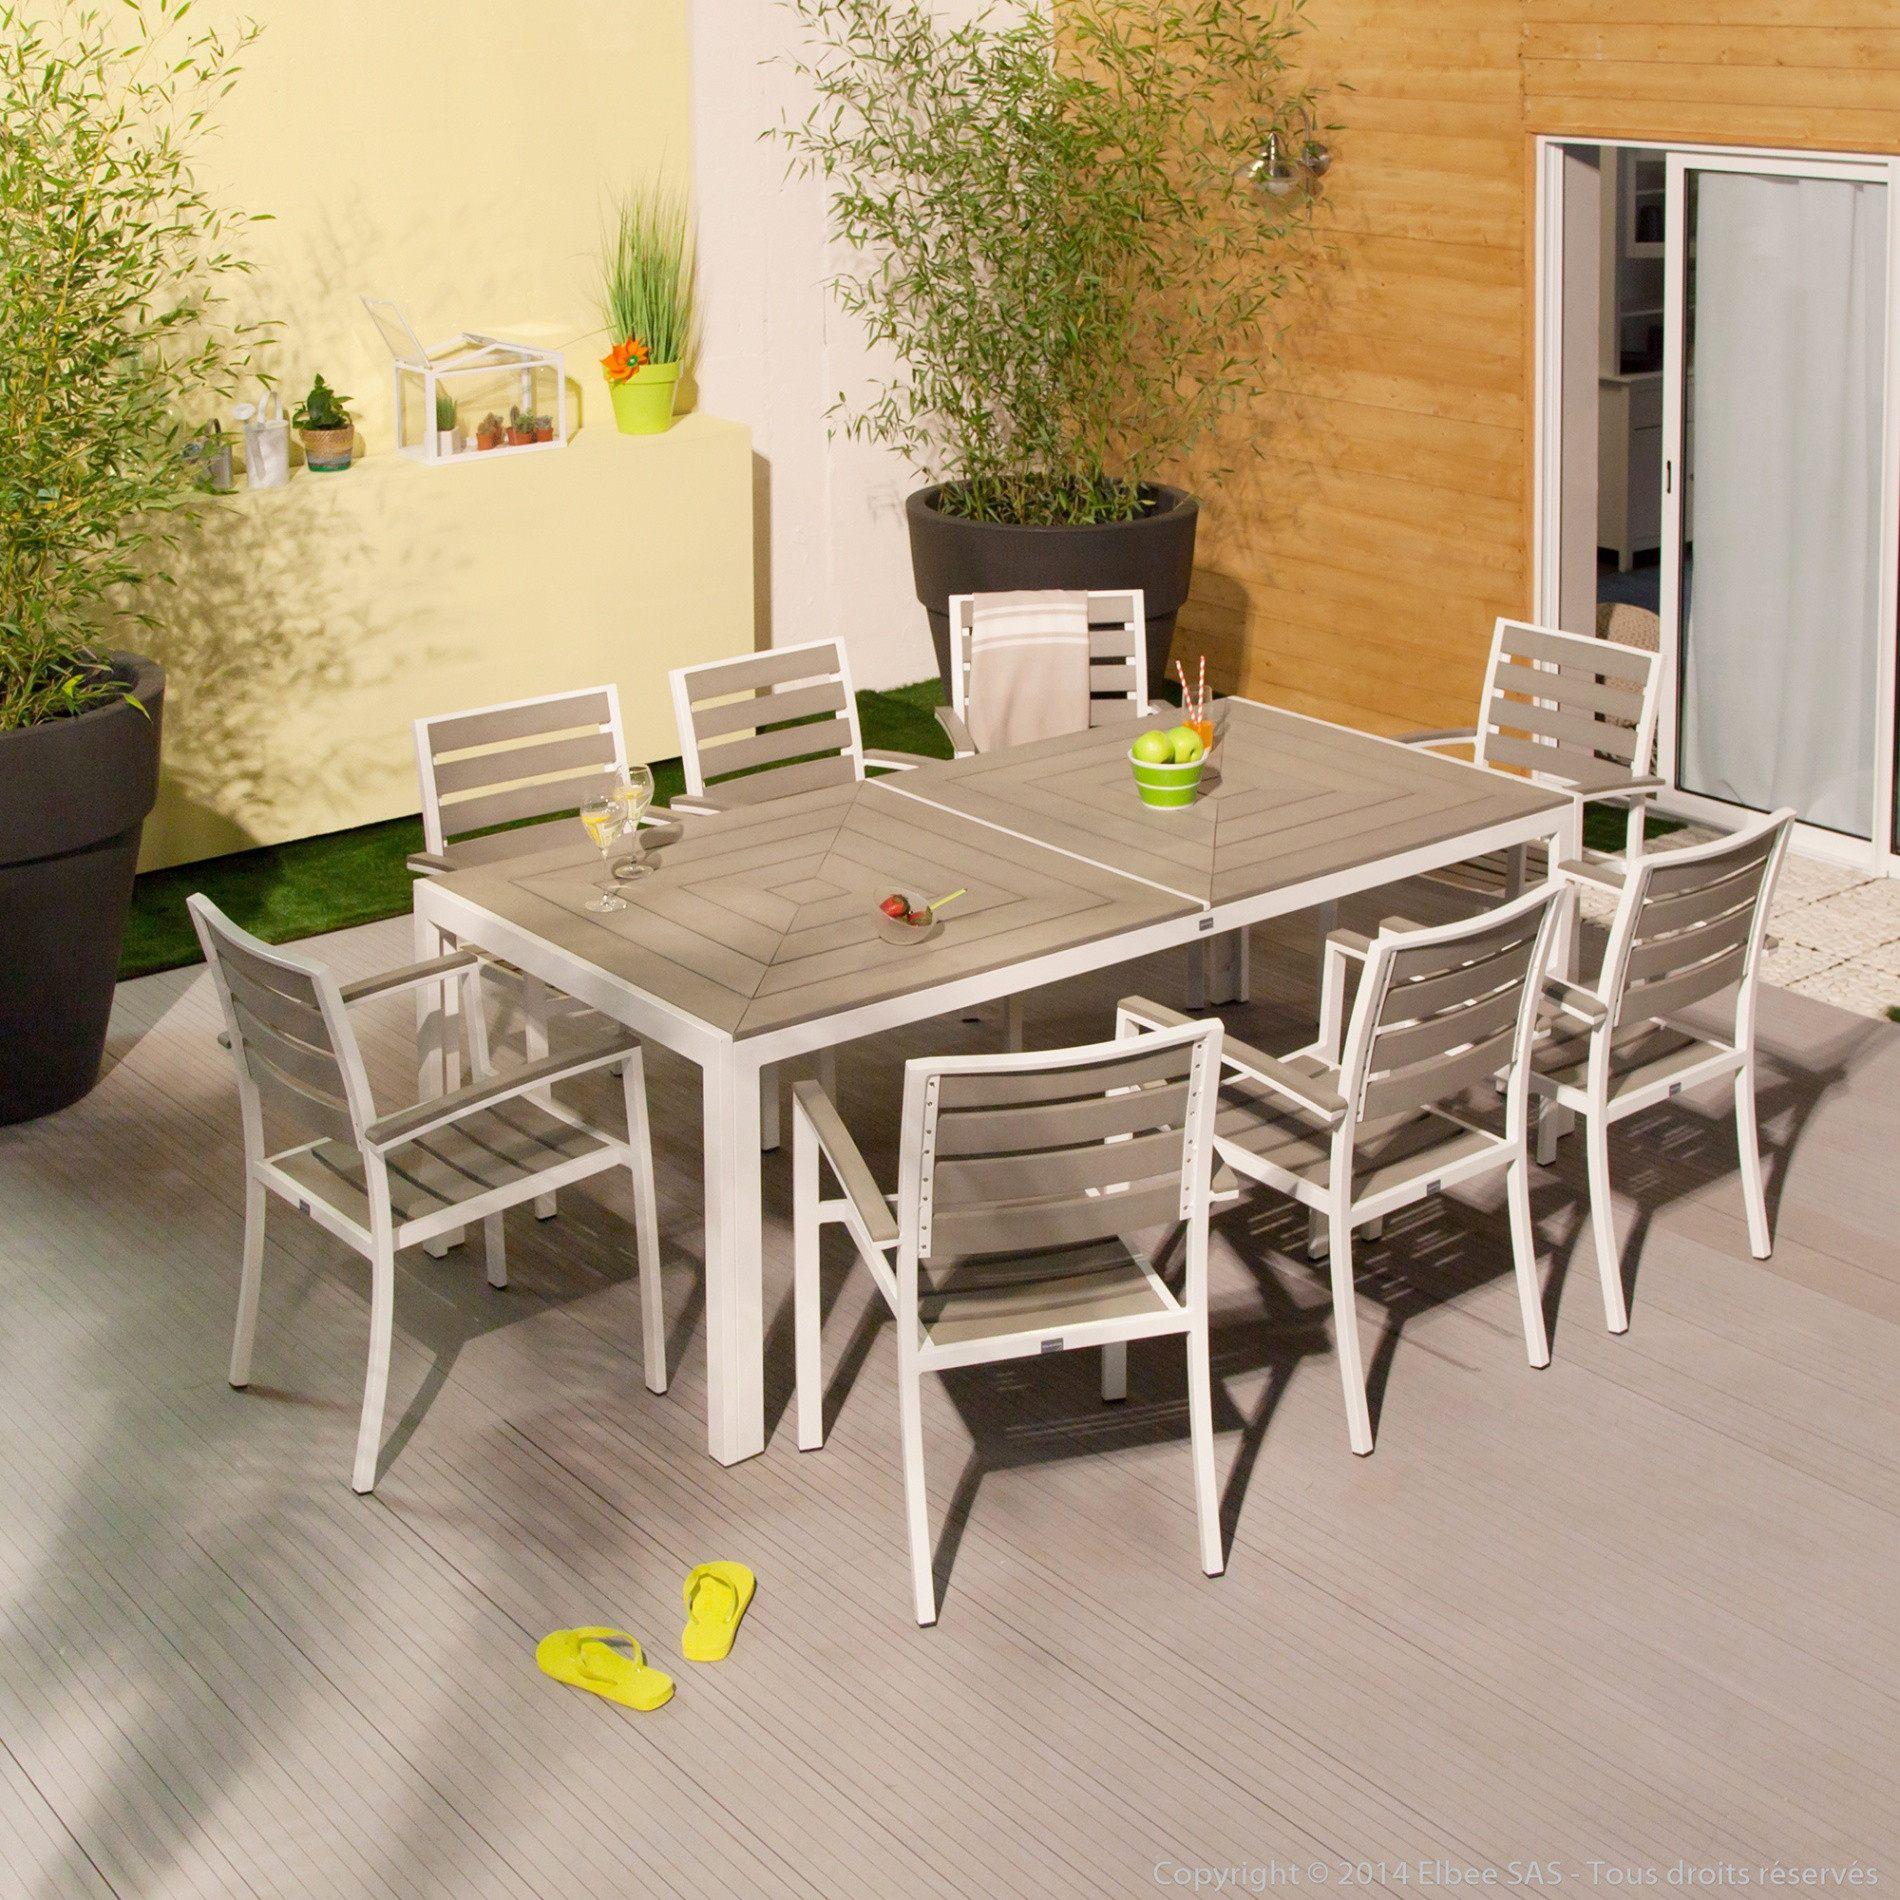 Salon De Jardin Blanc Plastique Unique Table Terrasse Pas ... dedans Salon De Jardin En Plastique Pas Cher